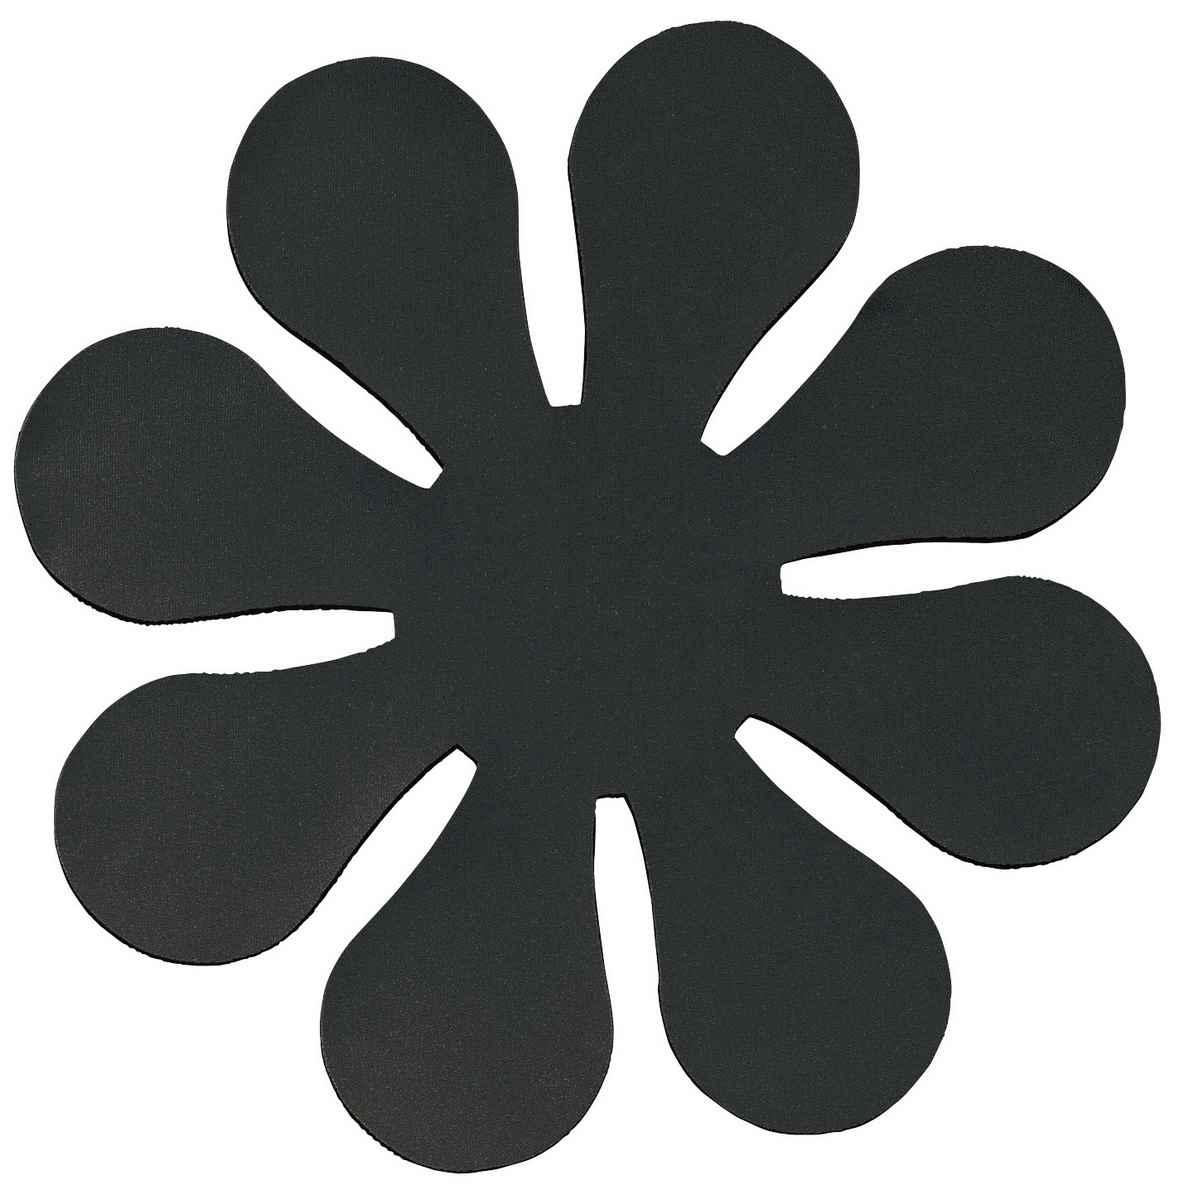 spring stapelschutz pfannen 2 st ck schwarz. Black Bedroom Furniture Sets. Home Design Ideas